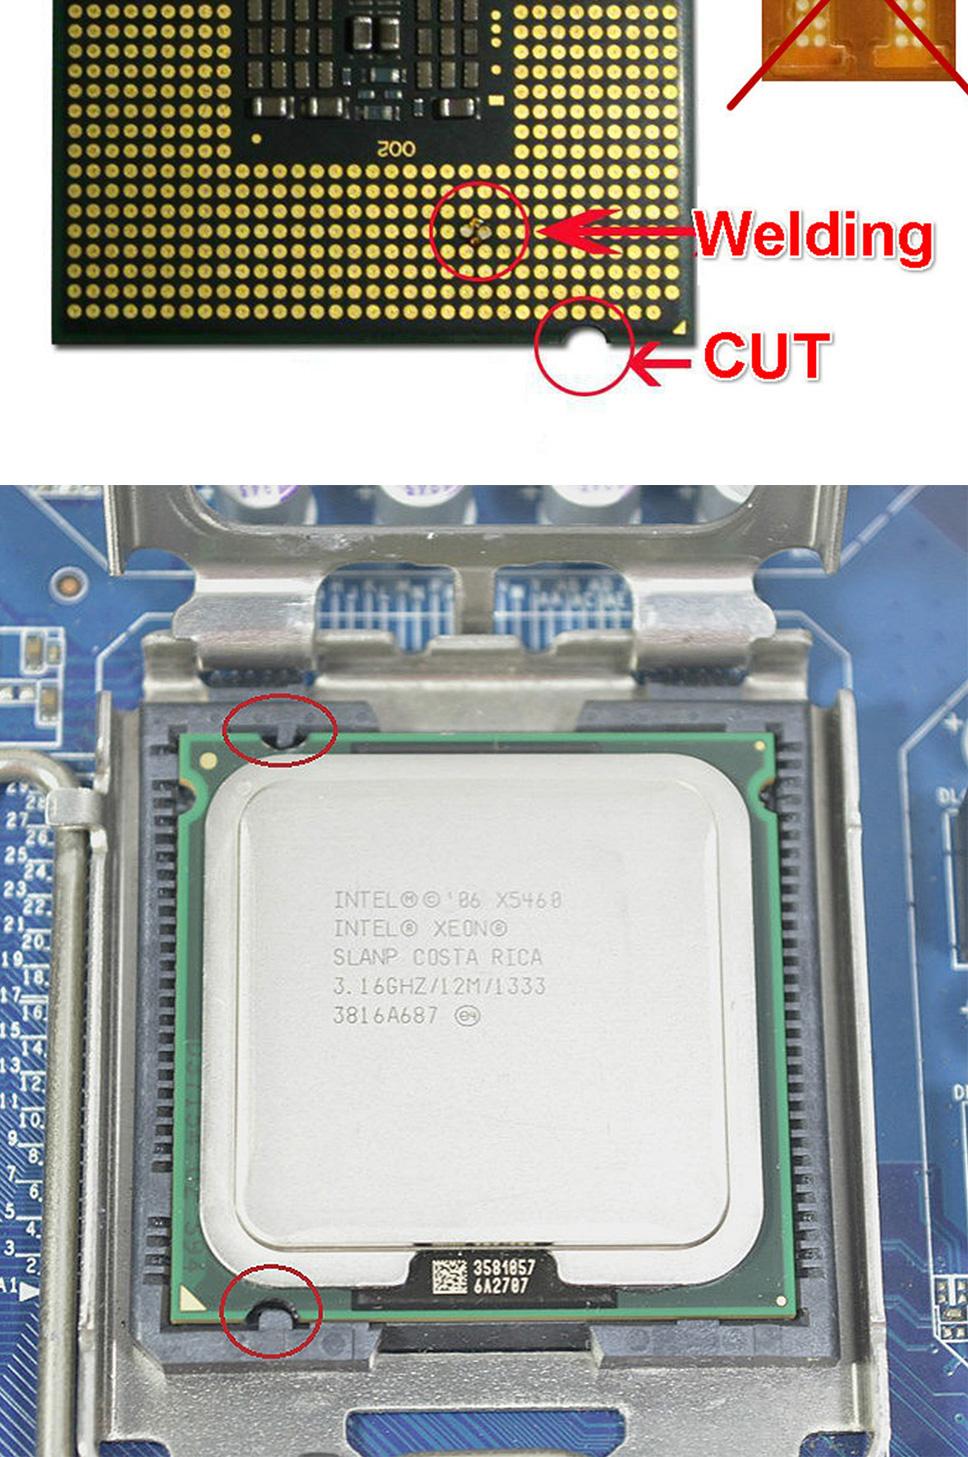 معالج Intel Xeon X5460 3 16ghz 12M 1333mhz ، يعمل على اللوحة الأم LGA775  كصورة